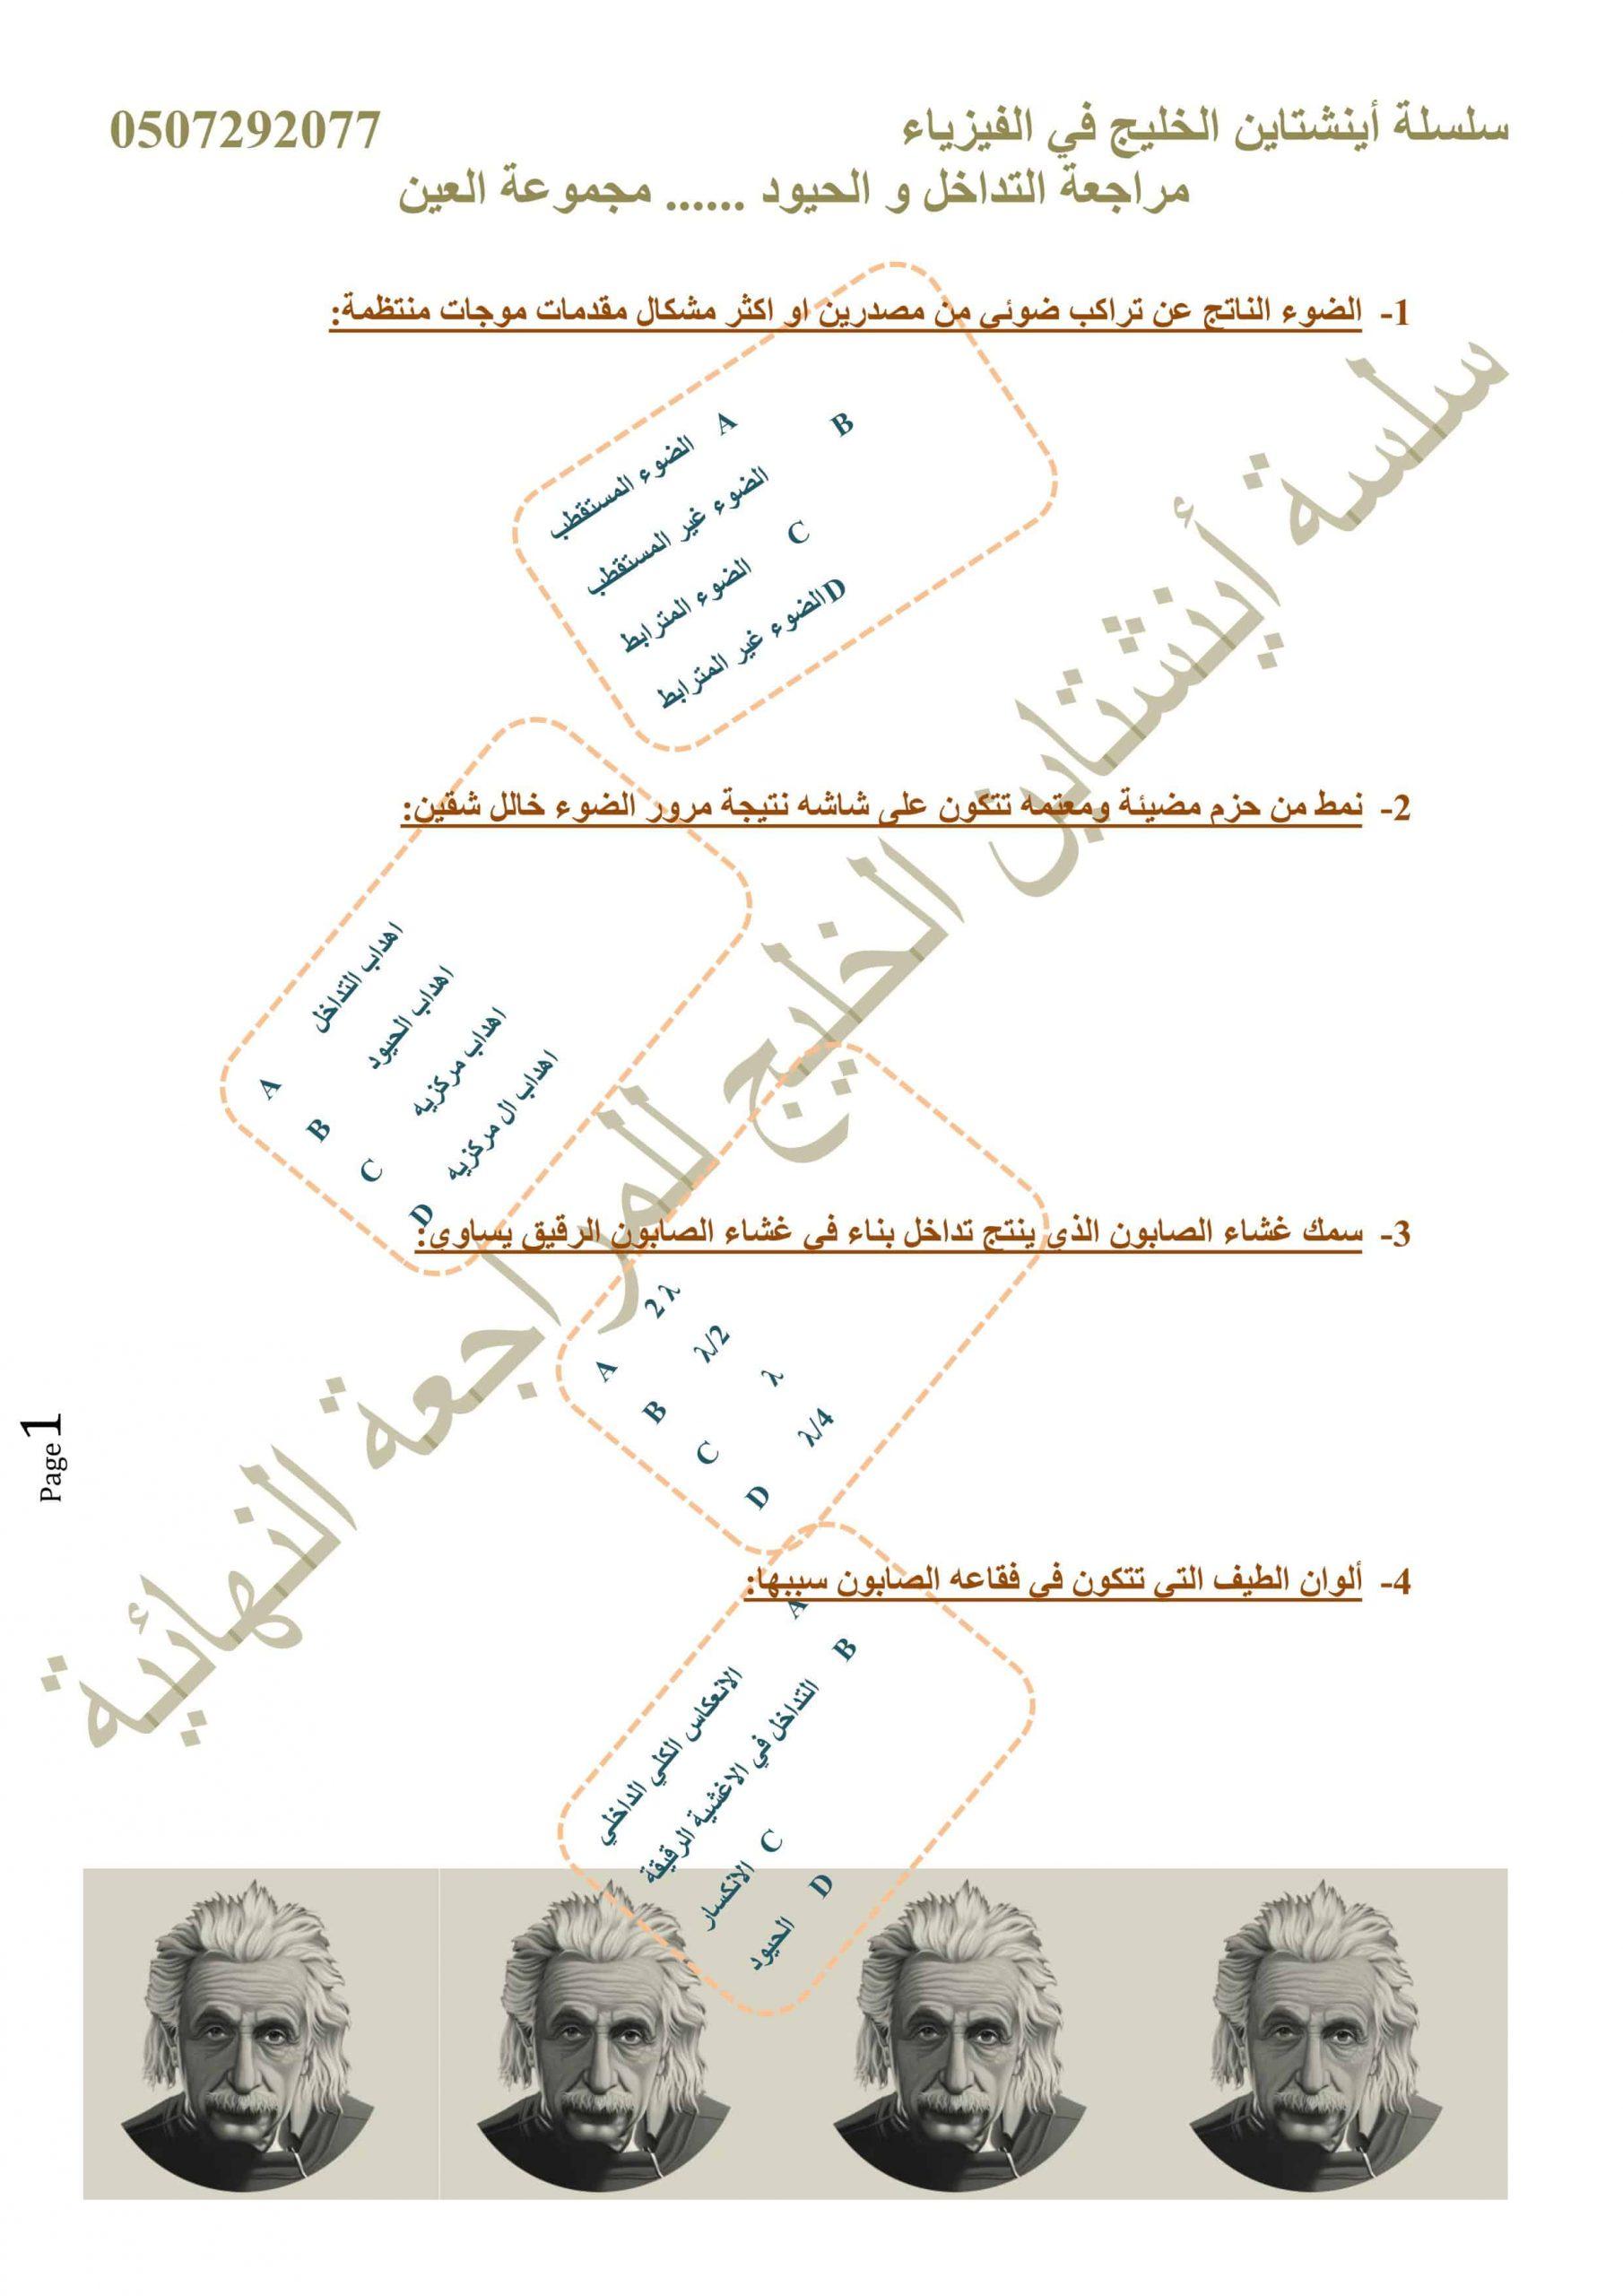 أوراق عمل مراجعة التداخل و الحيود الصف الثاني عشر مادة الفيزياء